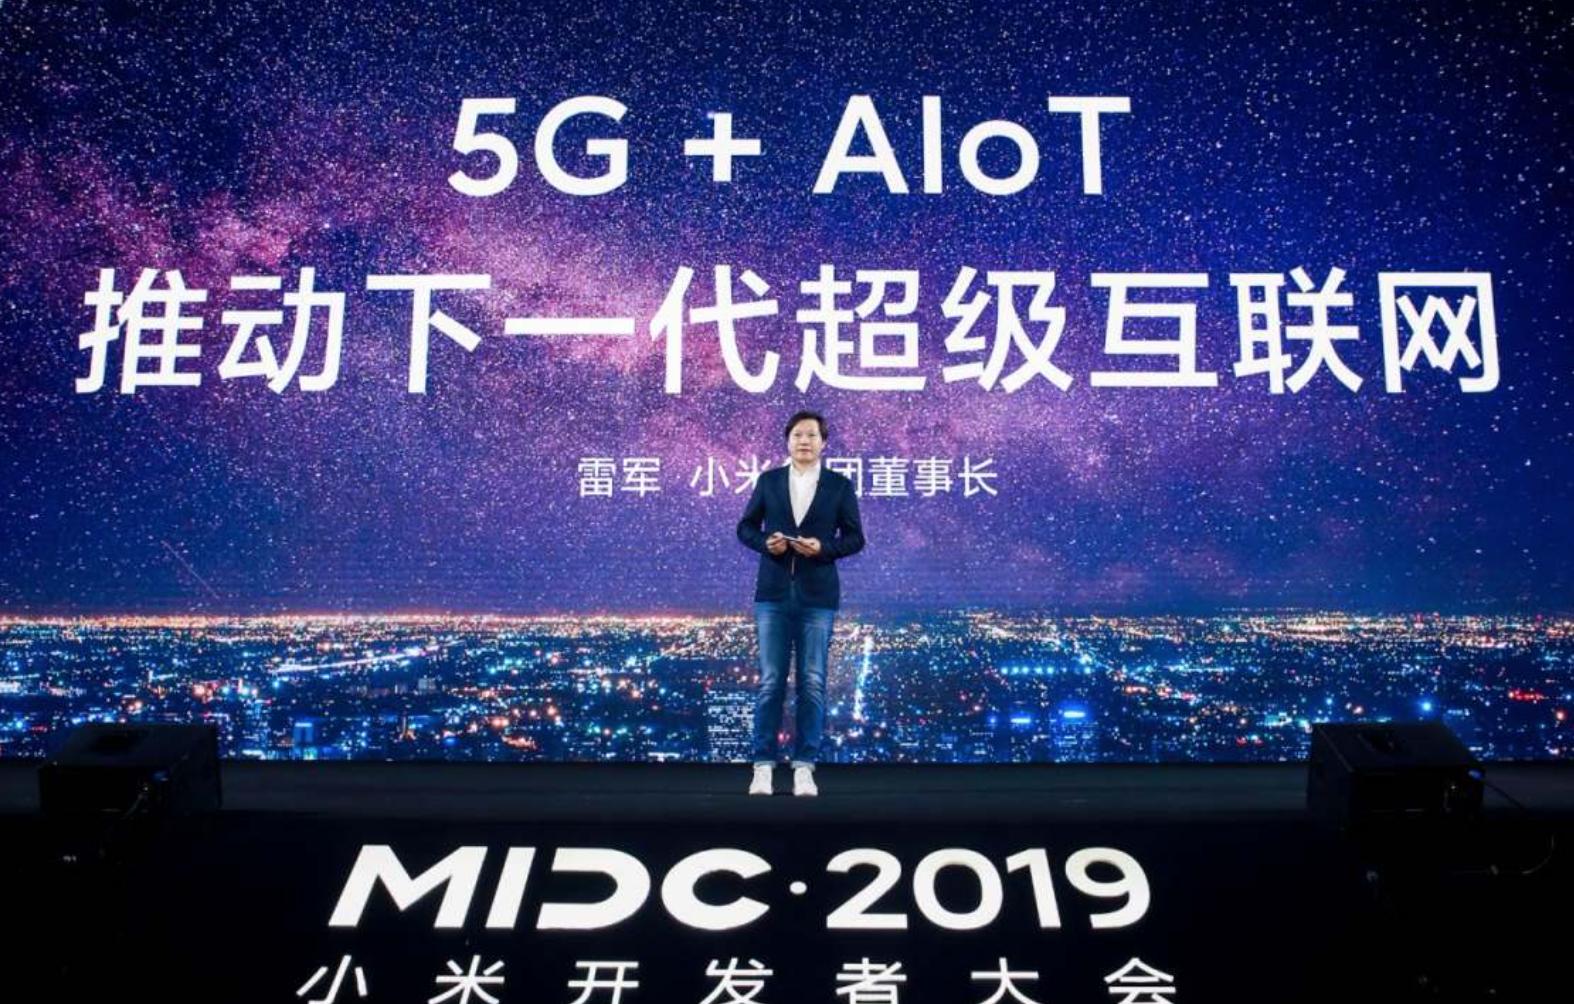 小米雷军:5G+AIoT推动下一代超级互联网